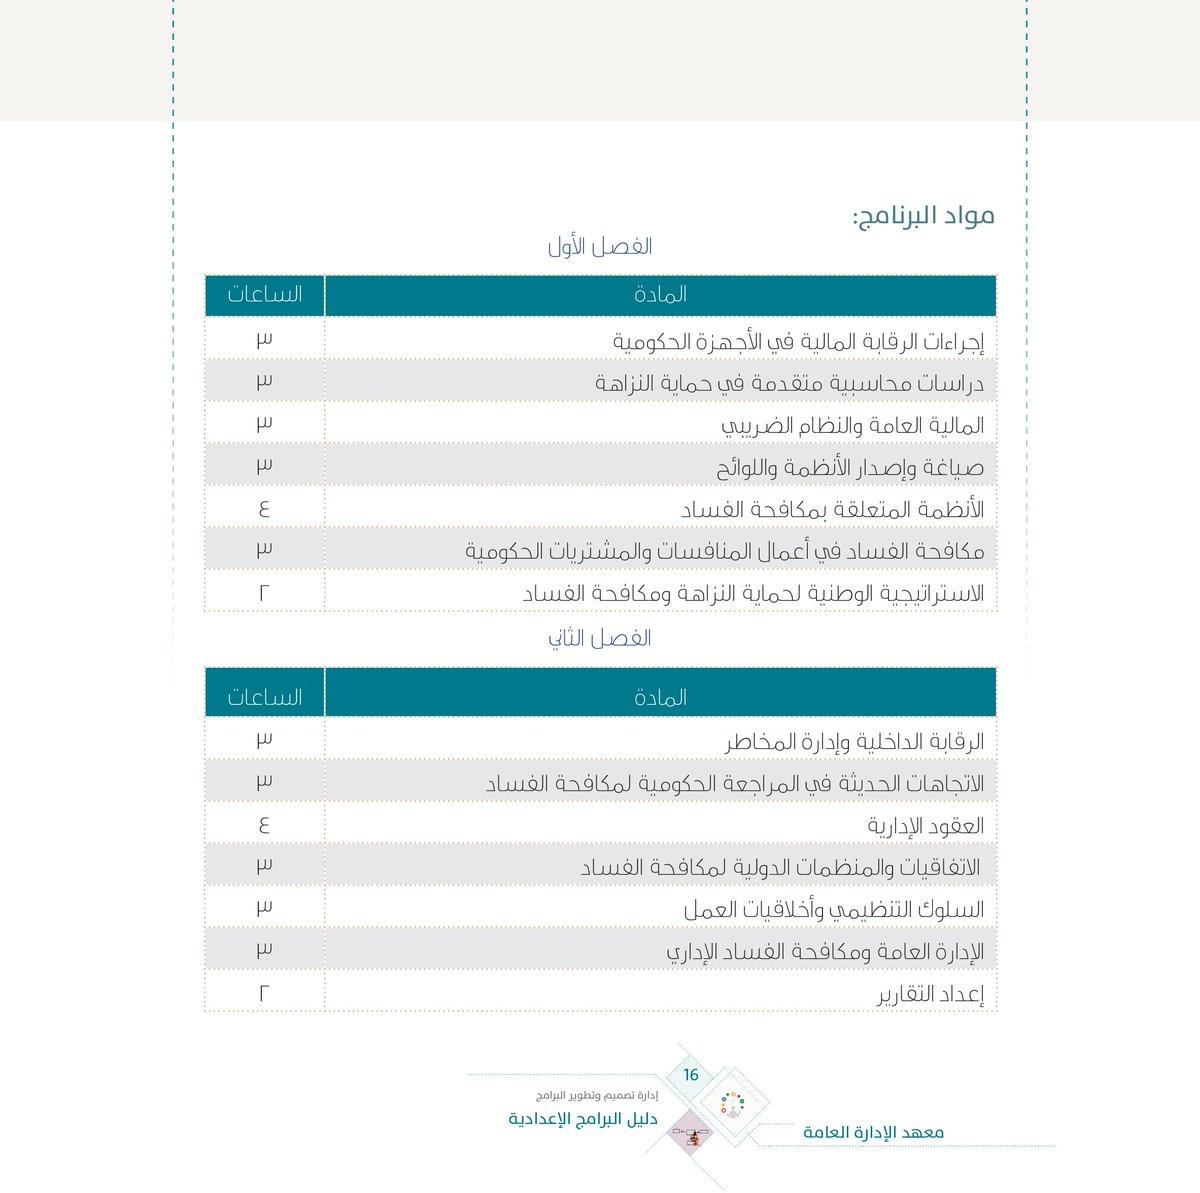 معهد الإدارة العامة No Twitter تم اعلان نتائج القبول في البرامج الاعدادية وتبدأ الدراسة 30 ربيع الثاني 1440هـ